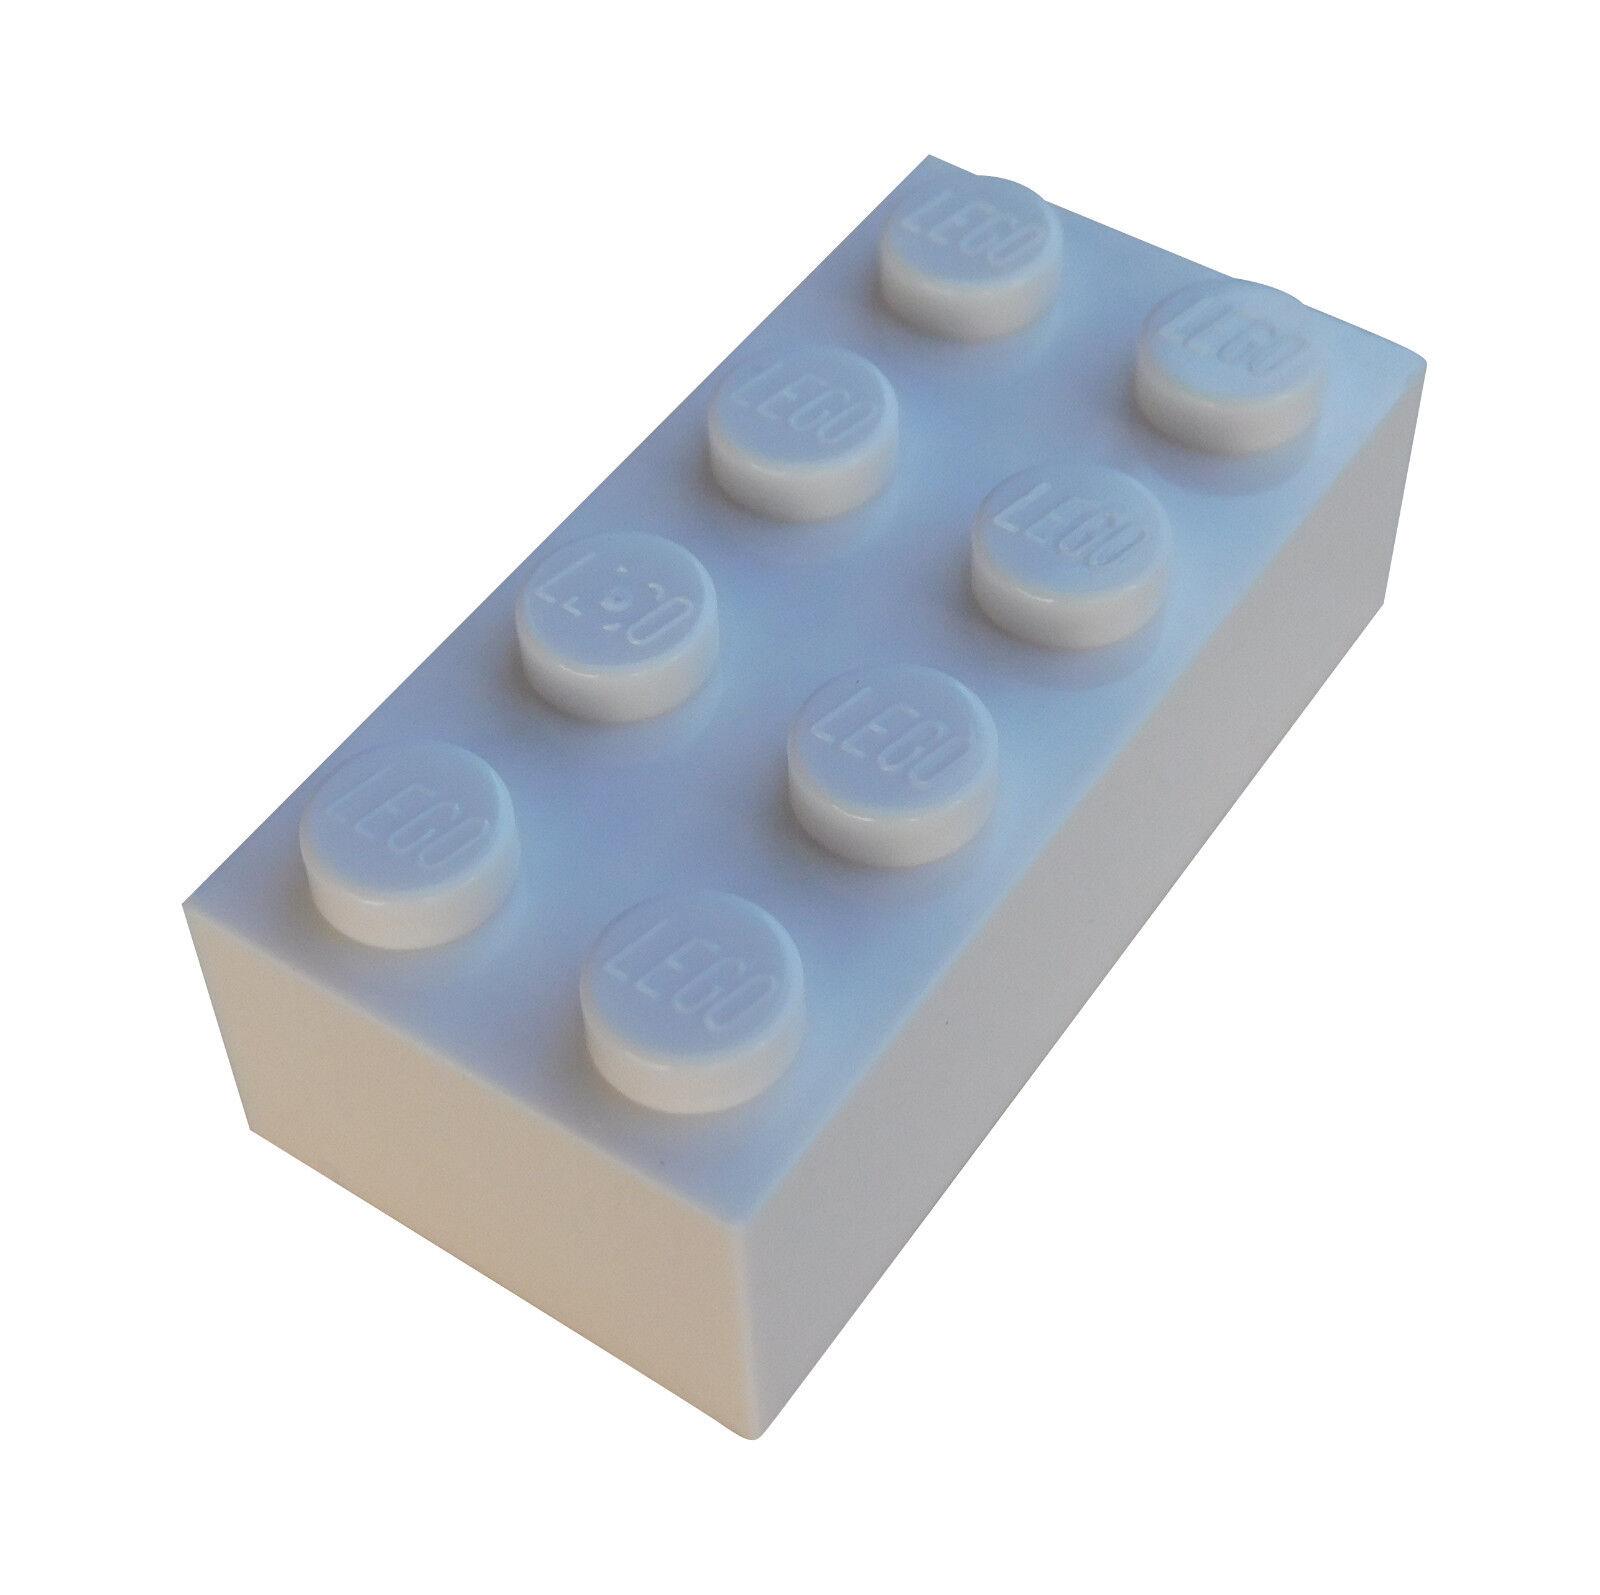 Lego 4 x Baustein Basic Stein 2456  weiß  2x6